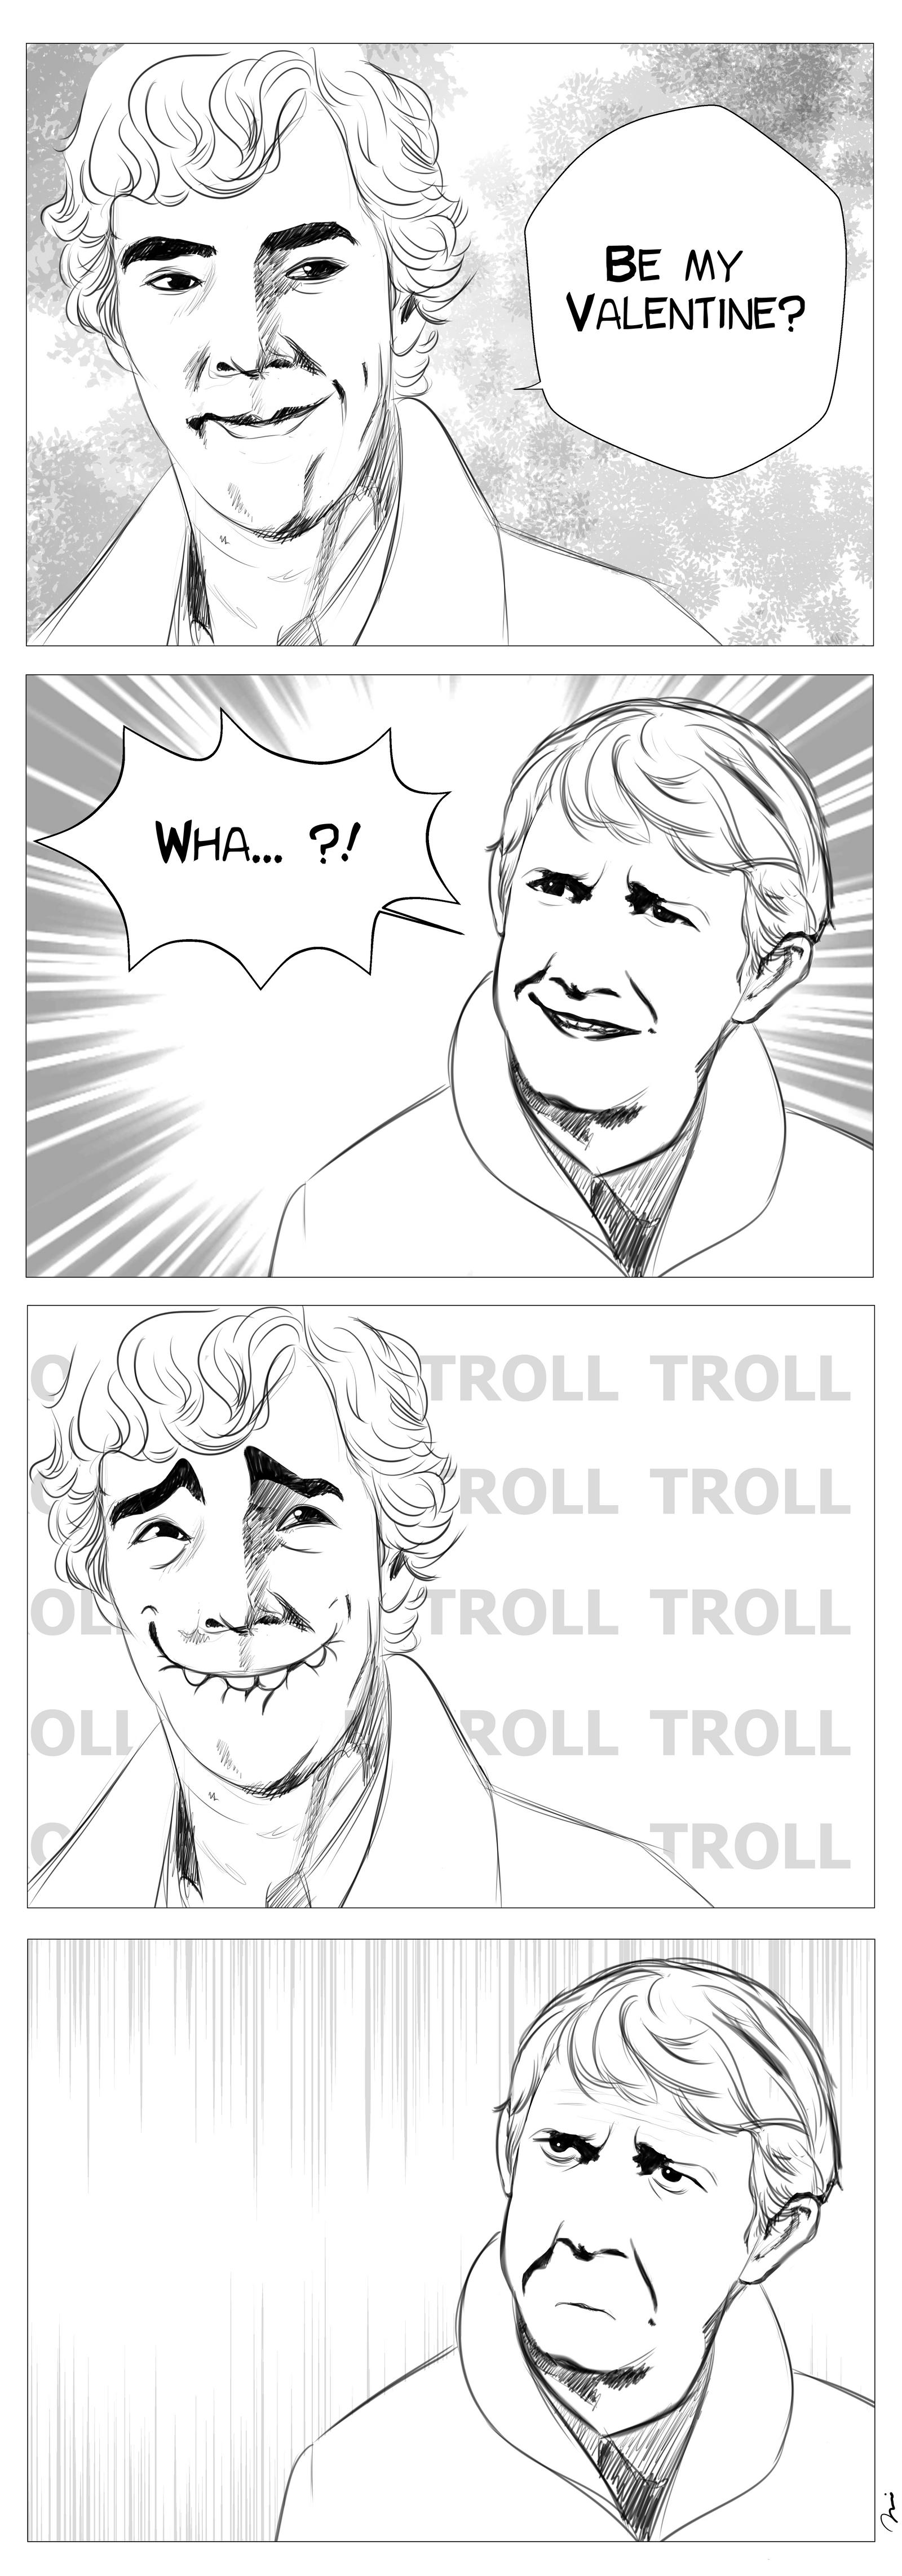 BBCs Sherlock: Be my Valentine by AgentKnopf